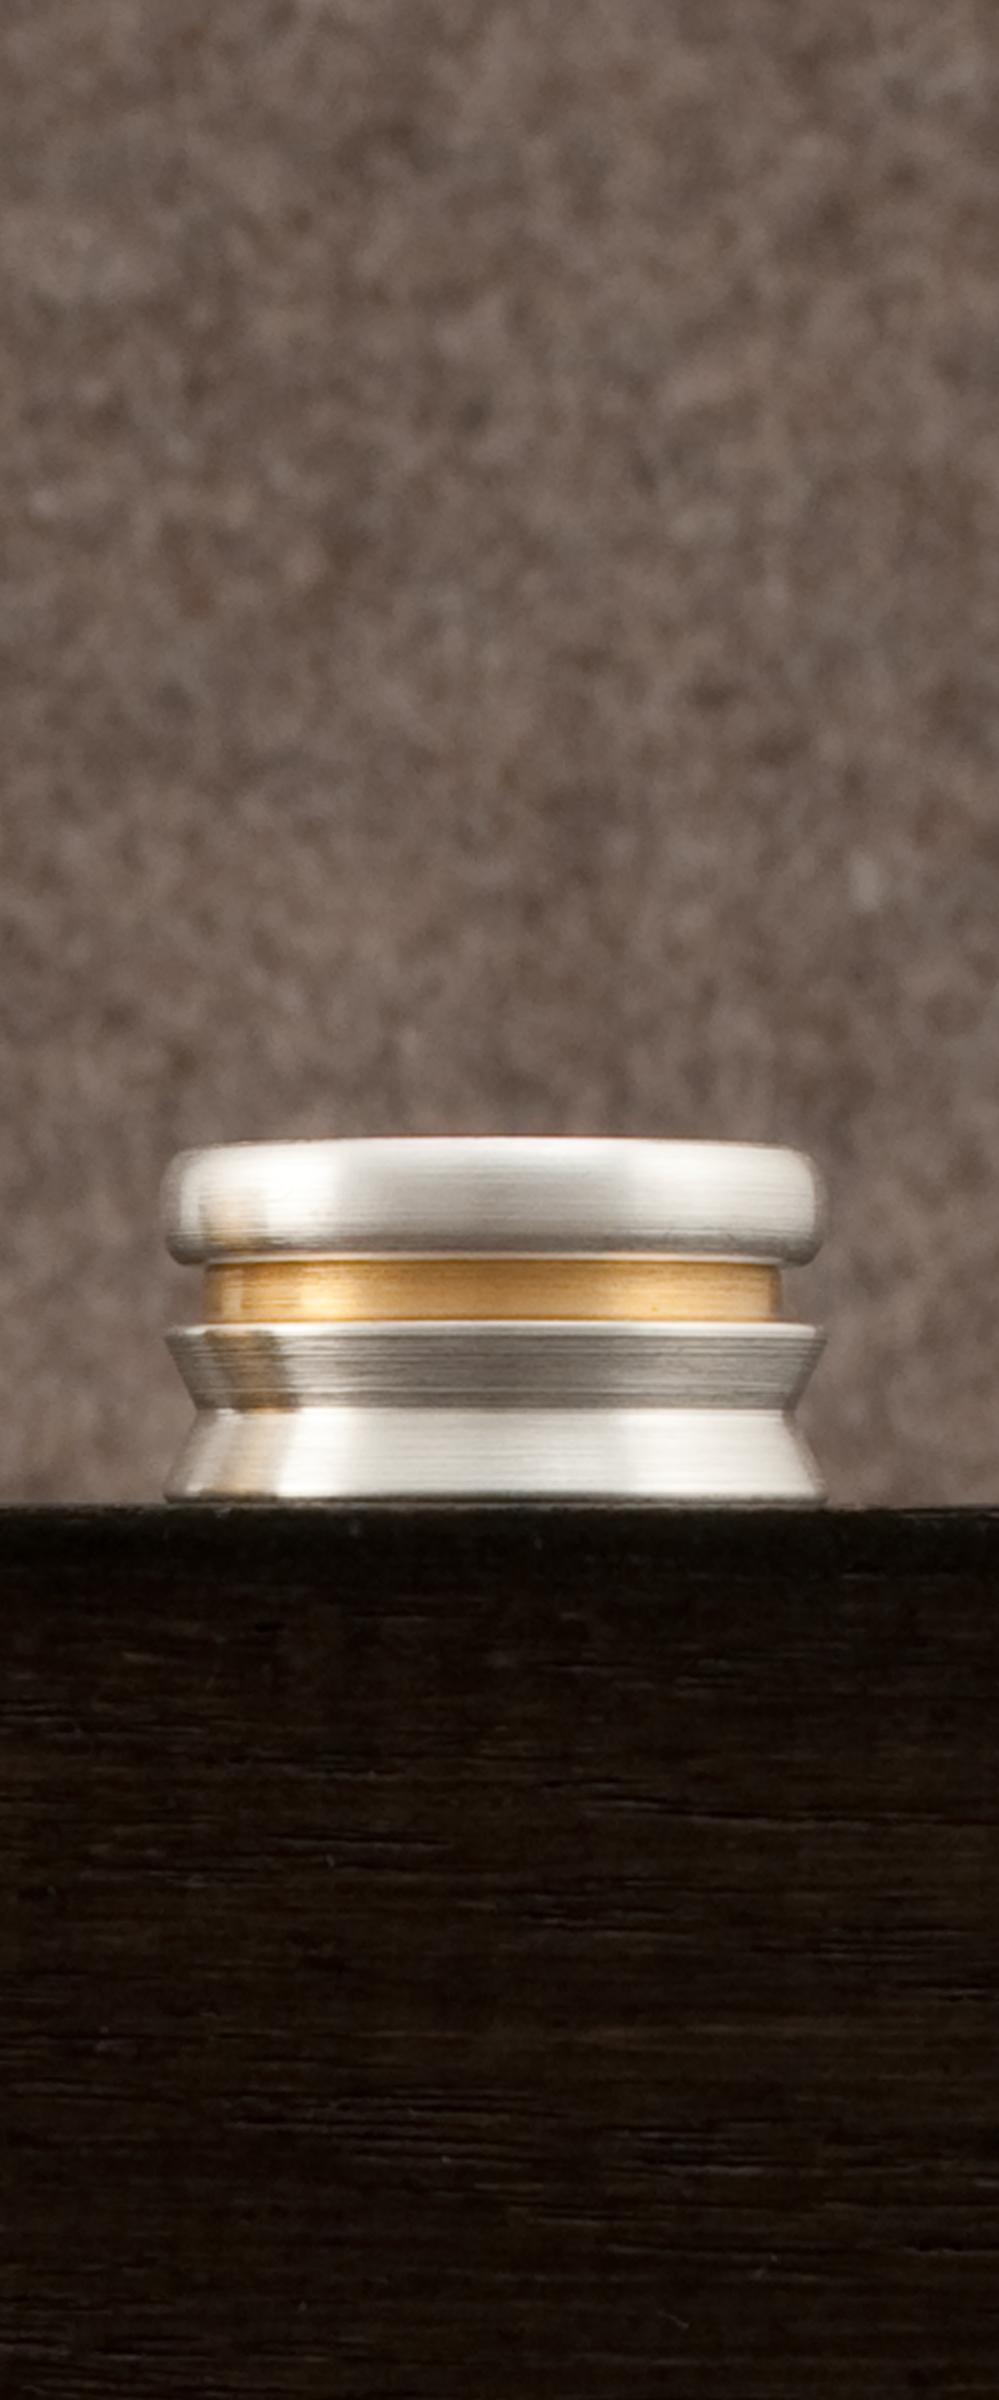 Rings - Web 4.jpg